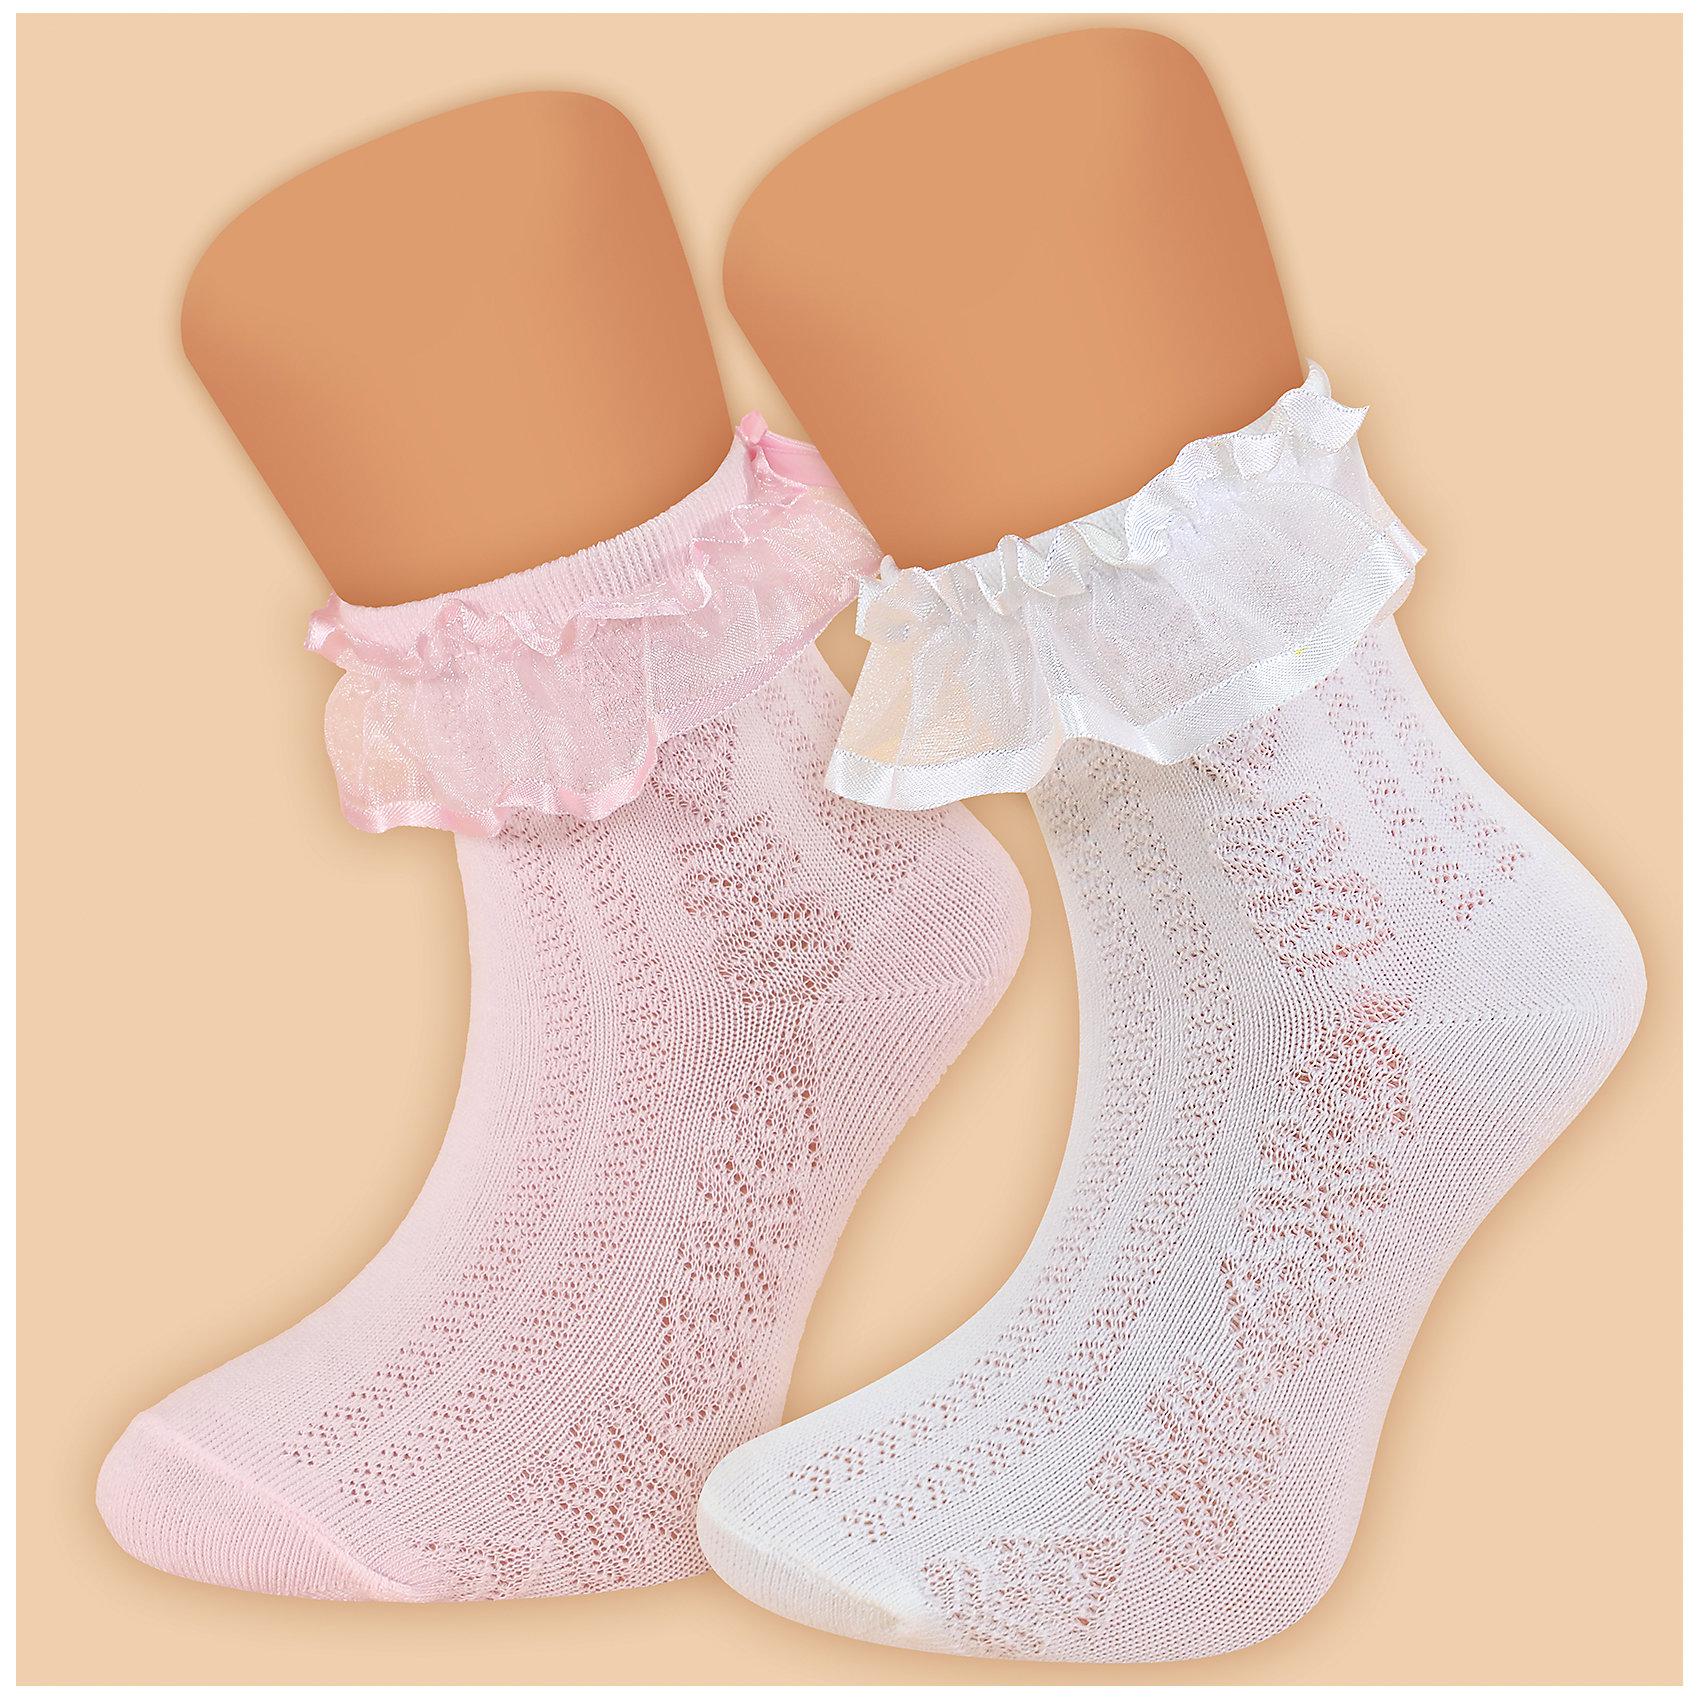 Носки для девочки  GlamurikiХарактеристики:<br><br>• Вид одежды: чулочно-носочные изделия<br>• Сезон: круглый год<br>• Пол: для девочки<br>• Цвет: белый<br>• Коллекция: Классик<br>• Материал: лайкра – 2%, нейлон – 25%, хлопок – 73%<br>• Уход: ручная стирка<br><br>Носки для девочки  Glamuriki изготовлены по итальянской технологии из трикотажа высокого качества, в состав которого входит лайкра, нейлон и хлопок. Такое сочетание обеспечивает прочность, эластичность и хорошую посадку на ноге.  Изделие полностью гипоаллергенно. Носки выполнены ажурной вязкой белого цвета, на резинке имеется оборка из капроновой ленты. Такие носочки дополнят праздничный образ вашей девочки и станут ярким аксессуаром детского гардероба.  <br><br>Носки для девочки  Glamuriki можно купить в нашем интернет-магазине.<br><br>Подробнее:<br>Номер товара: 4973196<br>Страна производитель: Китай<br><br>Ширина мм: 87<br>Глубина мм: 10<br>Высота мм: 105<br>Вес г: 115<br>Цвет: белый<br>Возраст от месяцев: 72<br>Возраст до месяцев: 84<br>Пол: Женский<br>Возраст: Детский<br>Размер: 28-30,24-26<br>SKU: 4973196